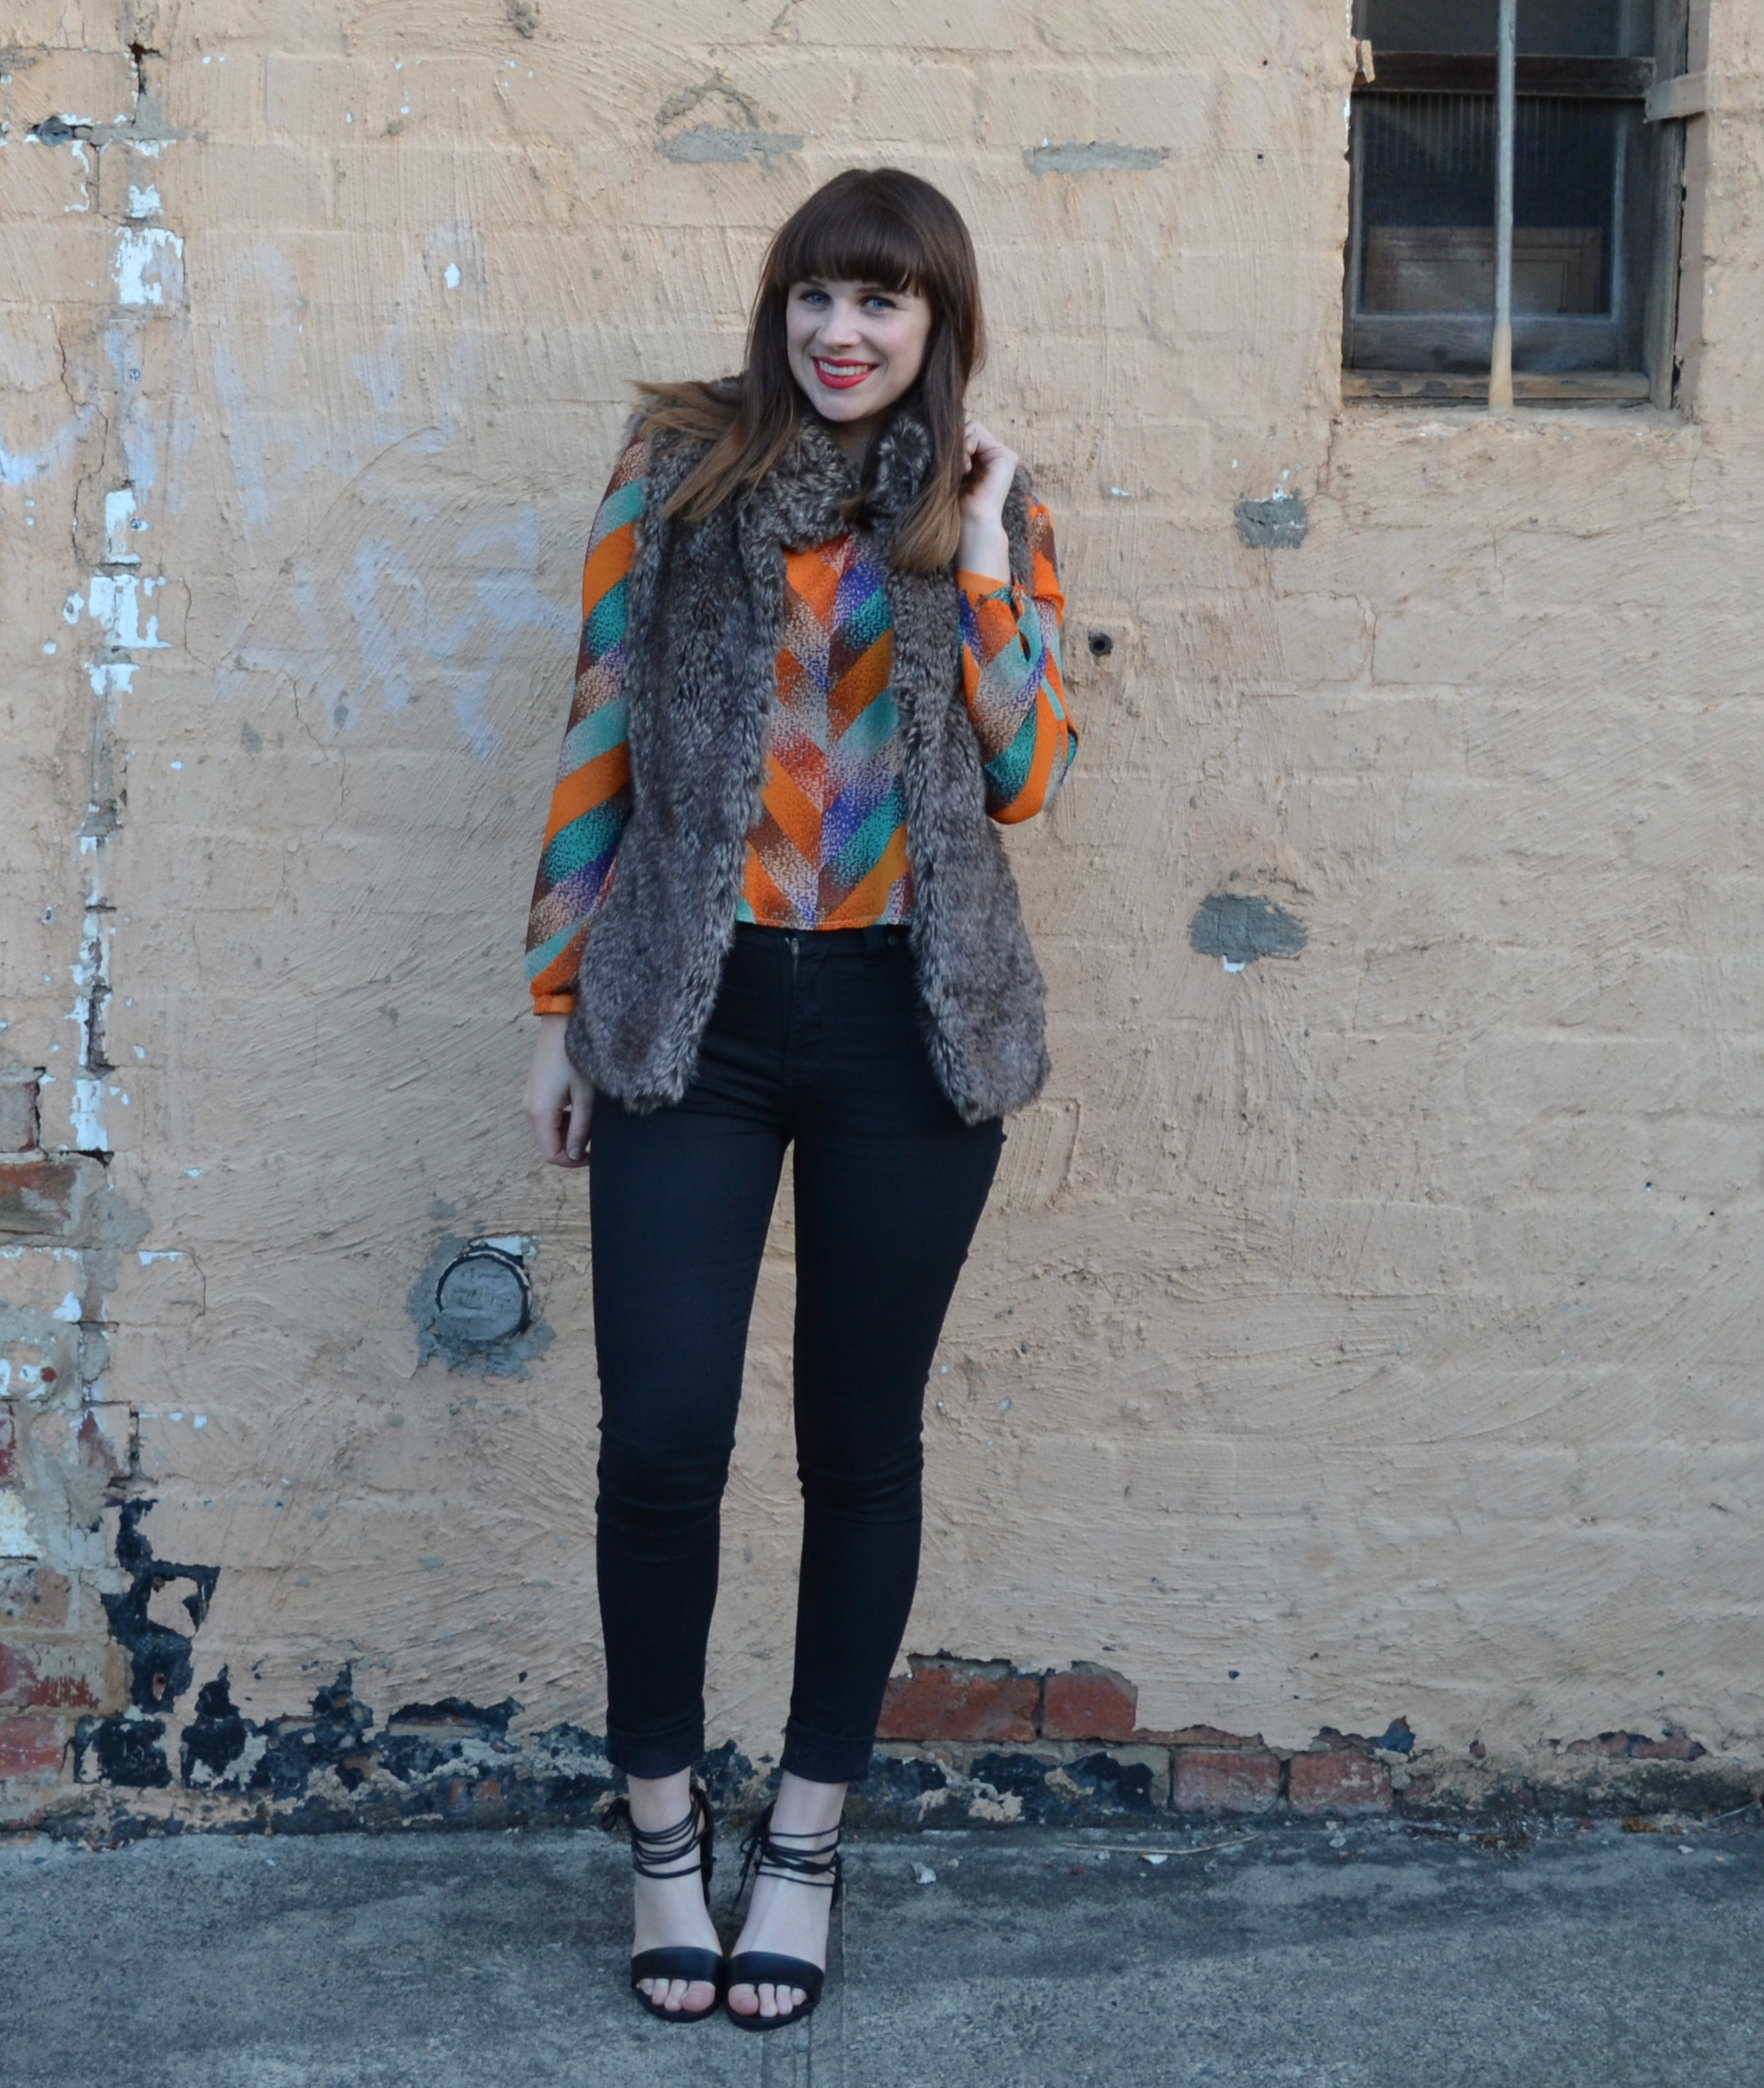 fur-vest-black-nudie-jeans-girl-heavy-bangs